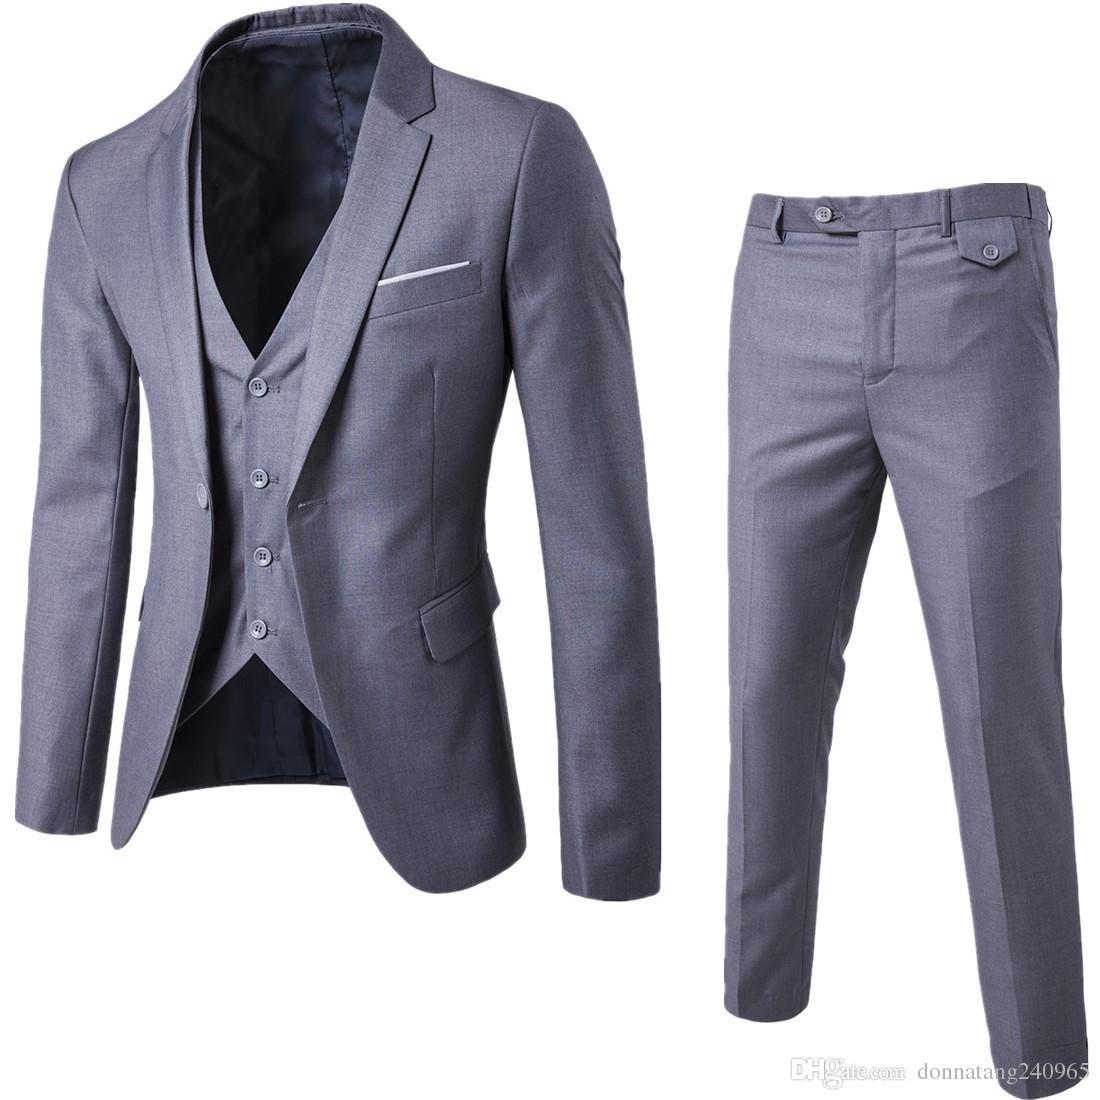 2018 New Fashion Designer Men Suit Groom Tuxedos Groomsmen Side ...